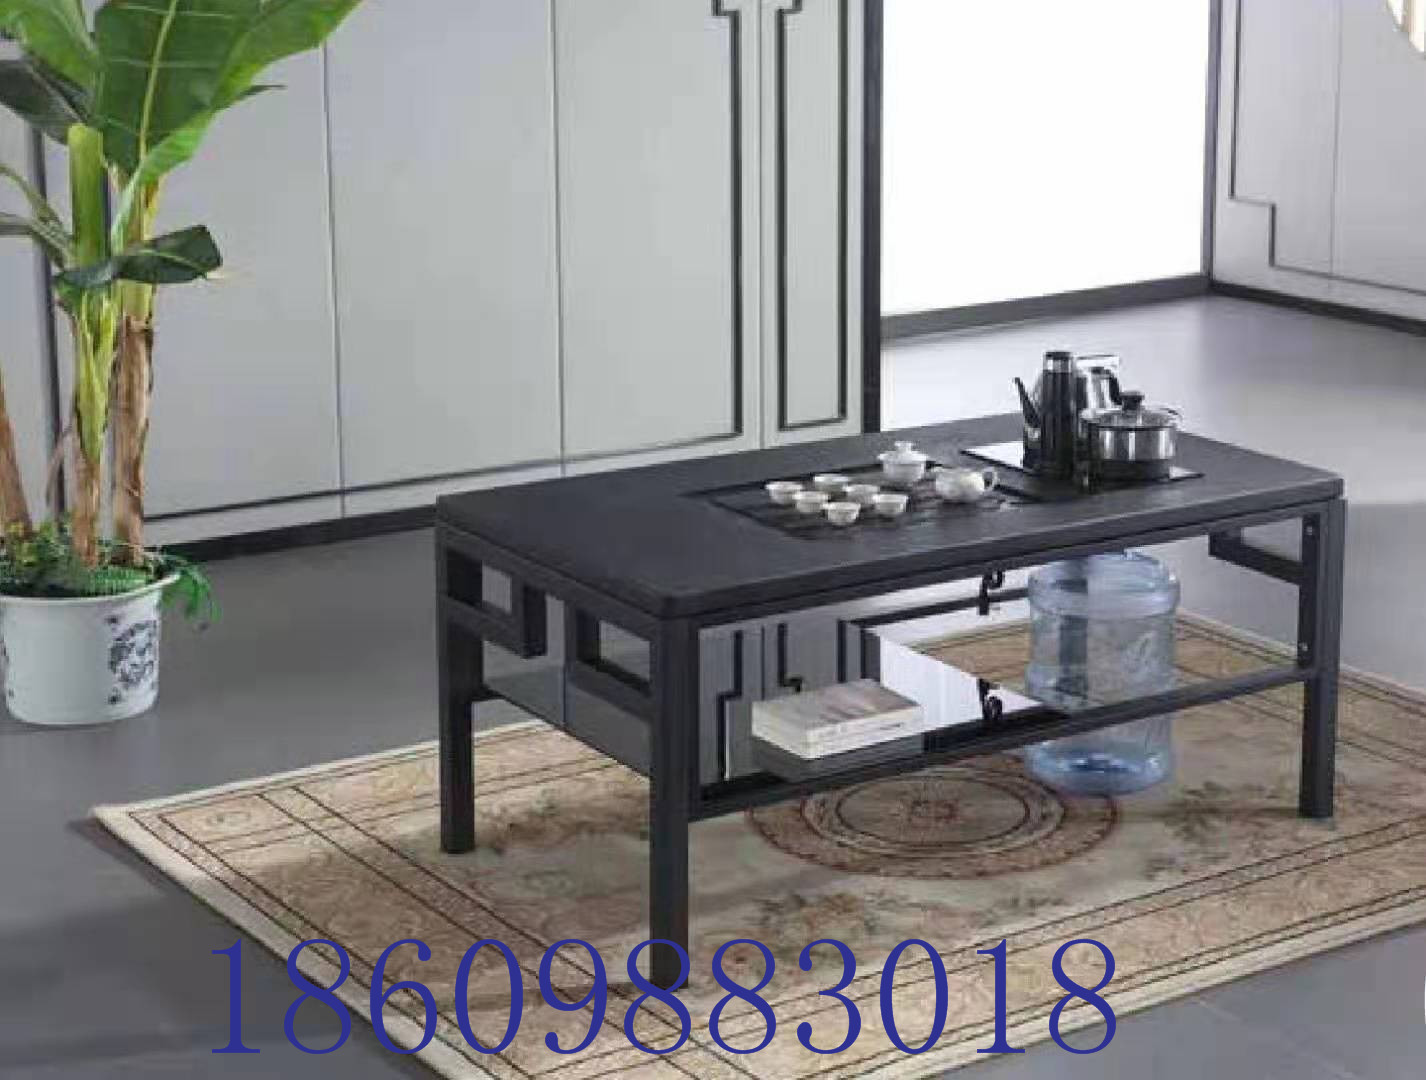 家具钢架,家具五金,喷塑钢架,钢架会议桌